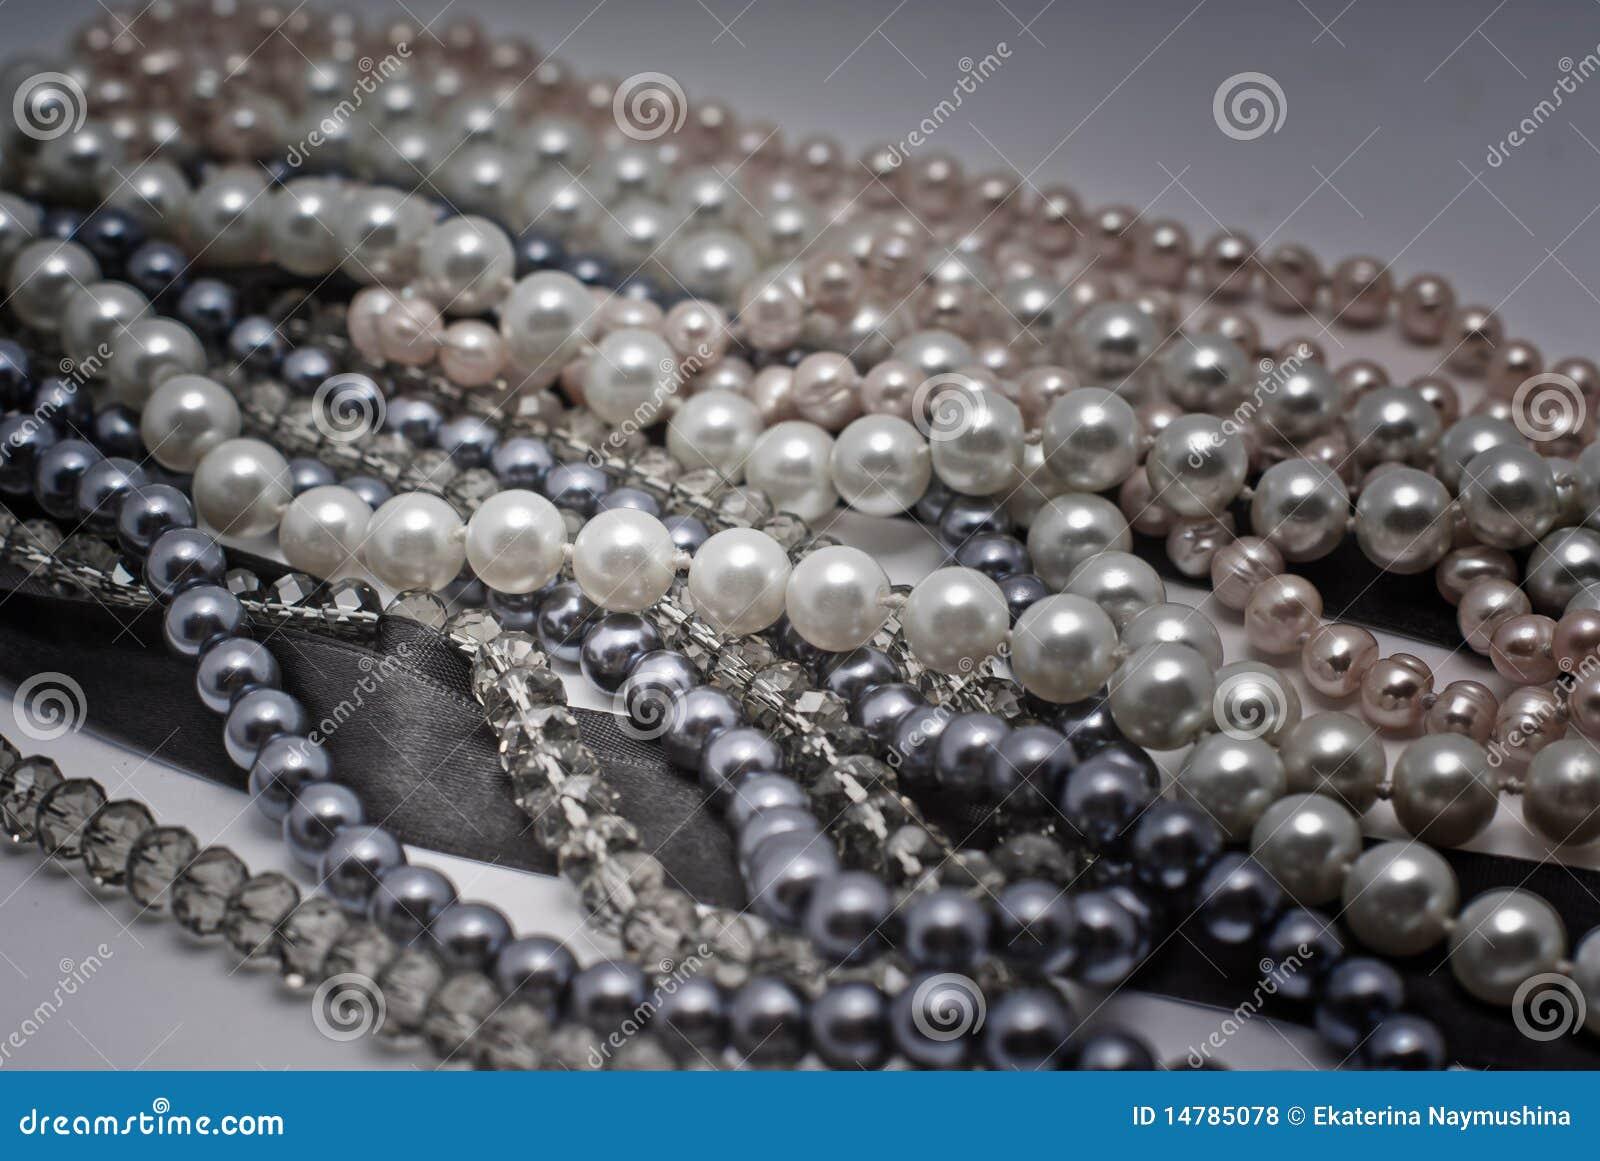 Perle grige eleganti